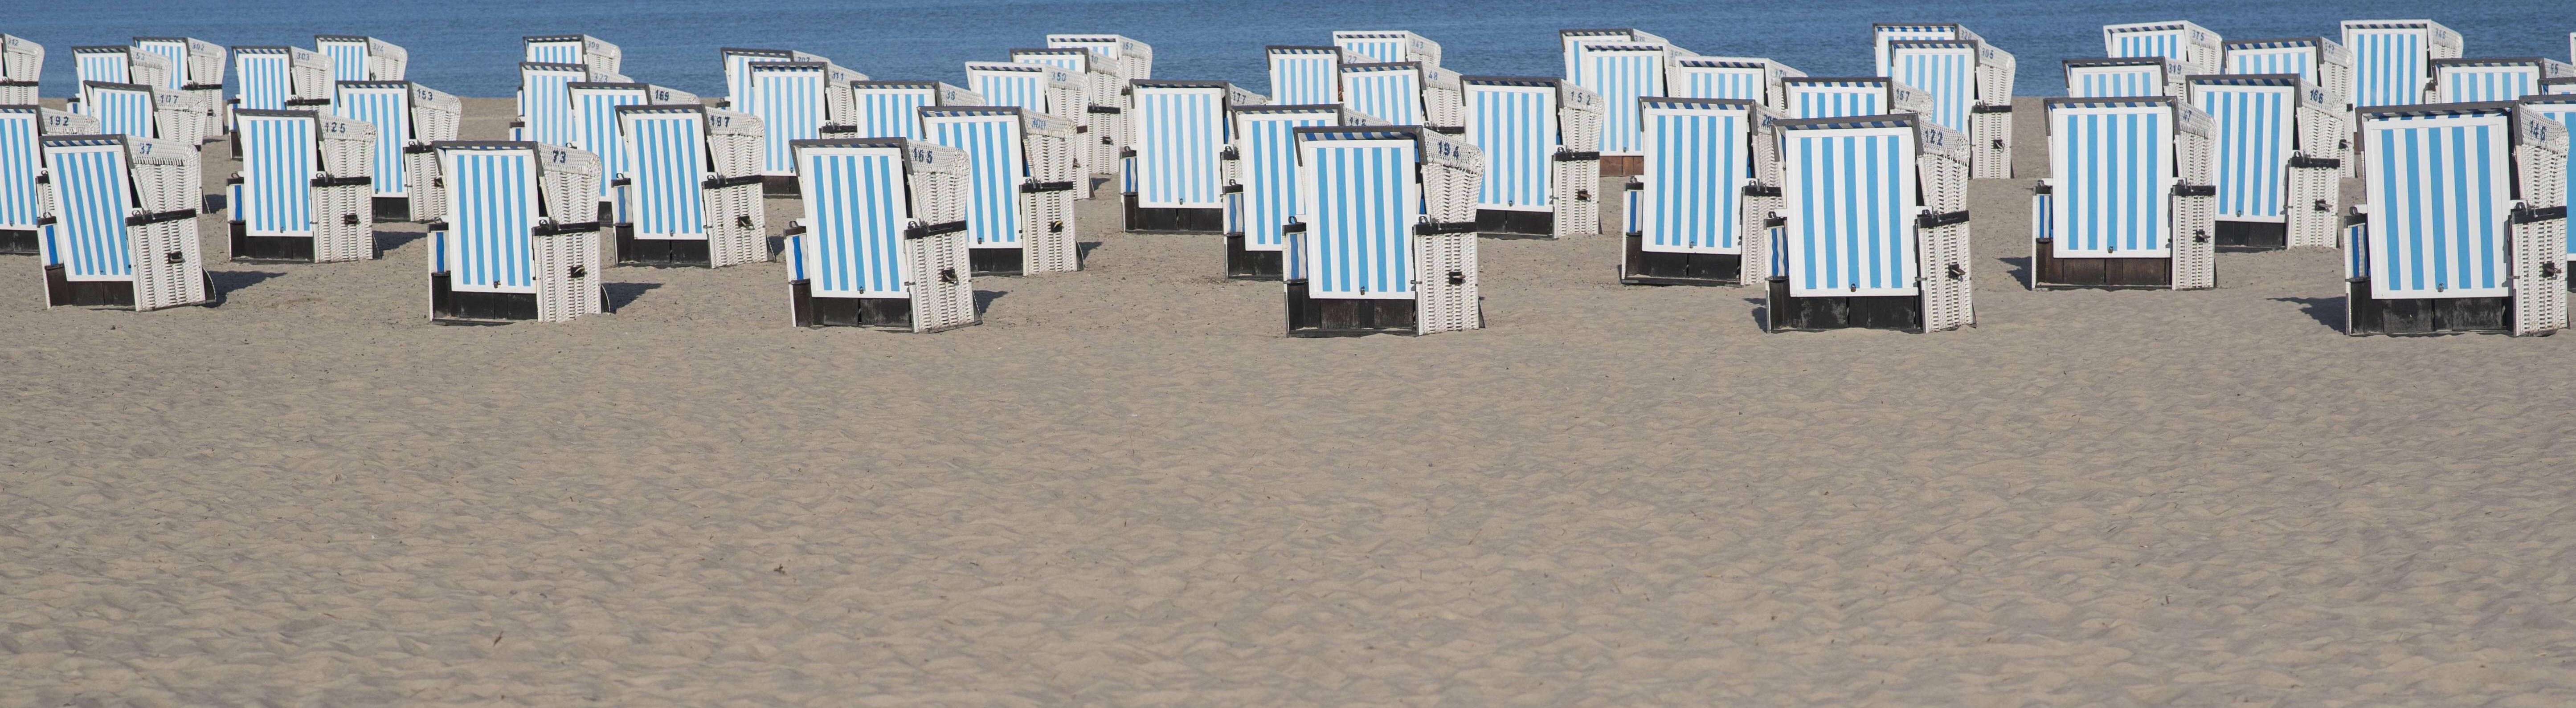 Strandkörbe in Warnemünde an der Ostsee, Mecklenburg Vorpommern